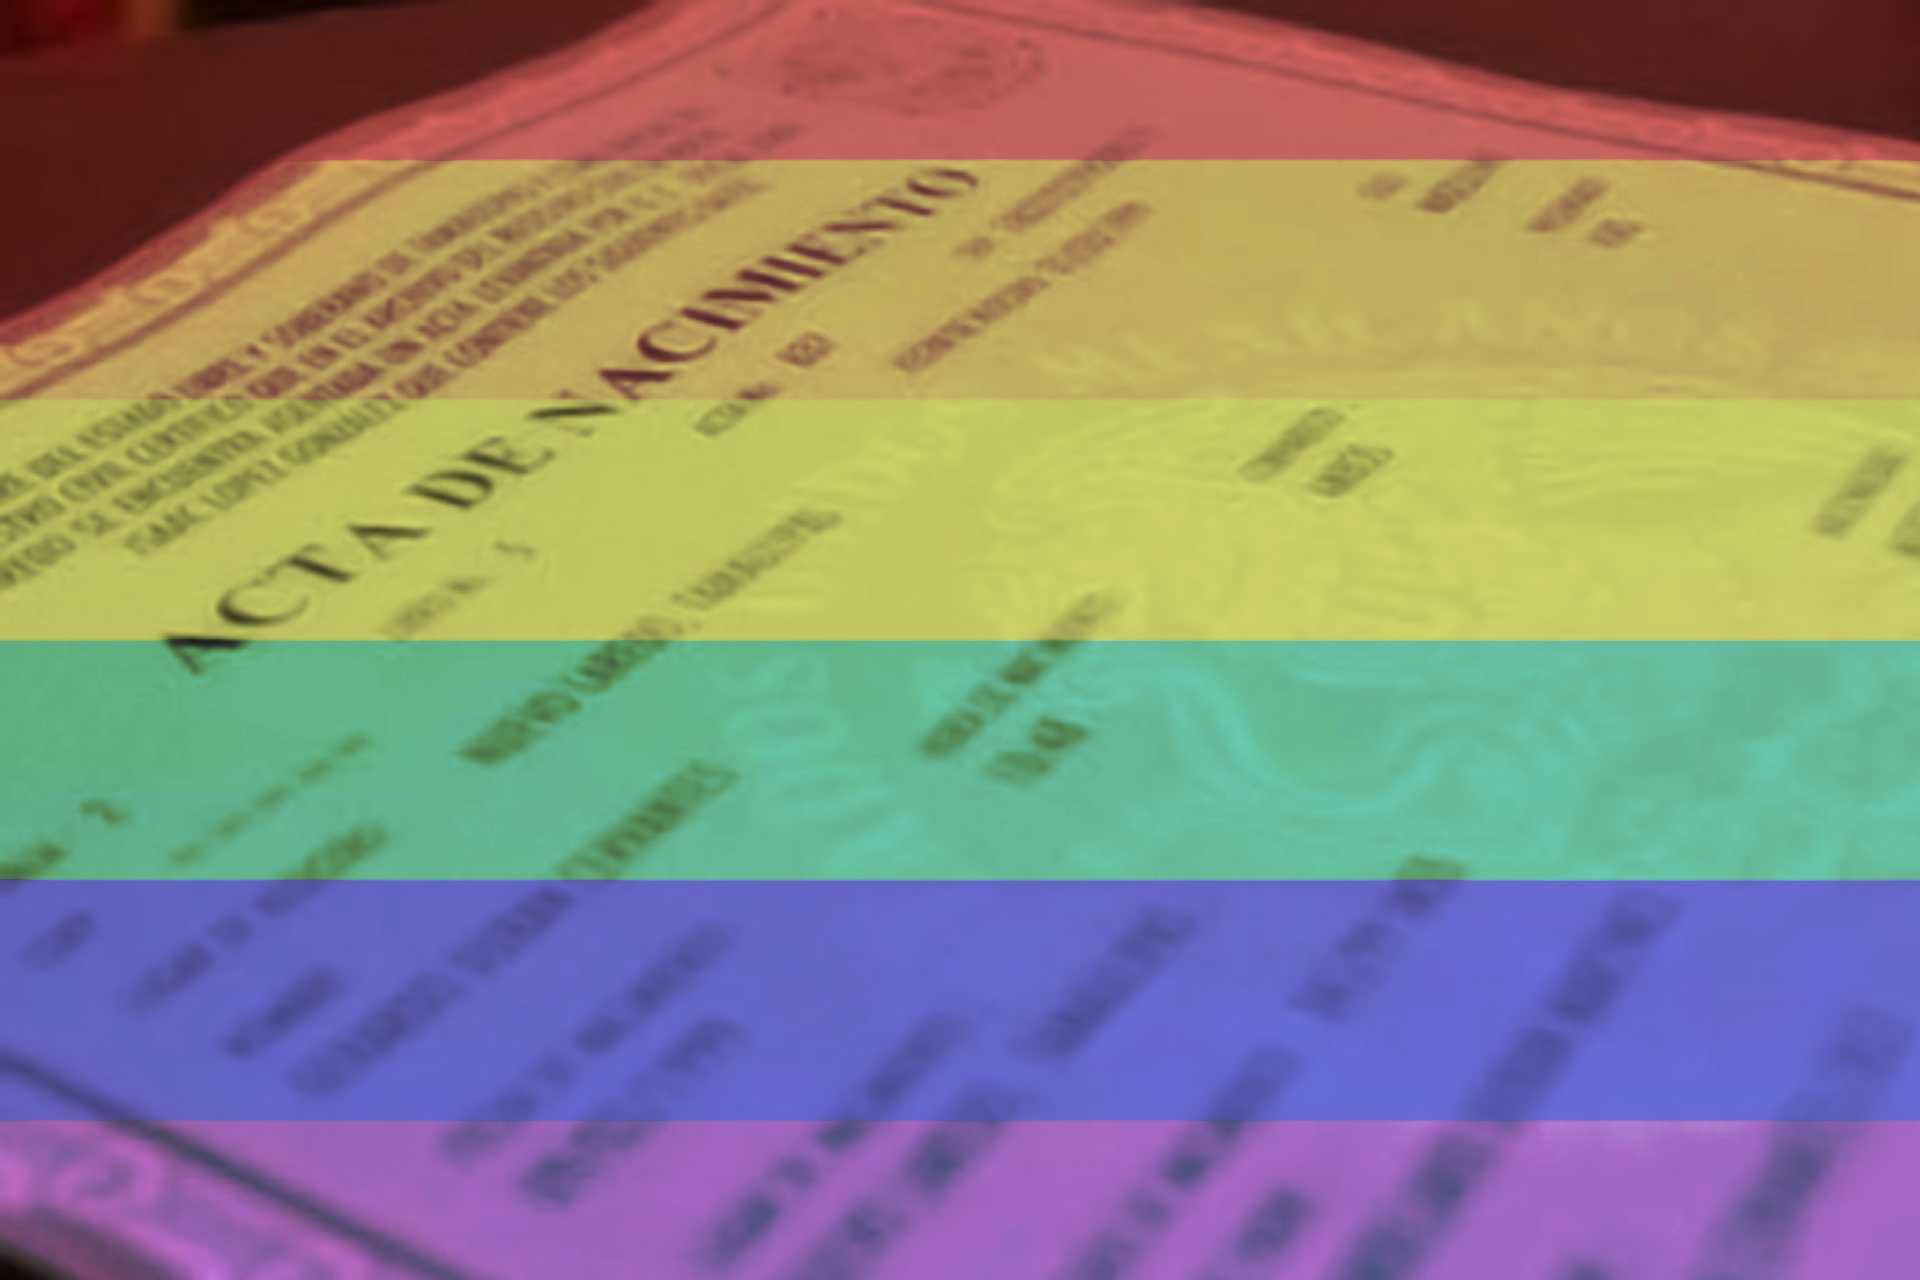 registros civiles-Tlaxcala-LGBT-identidad de género